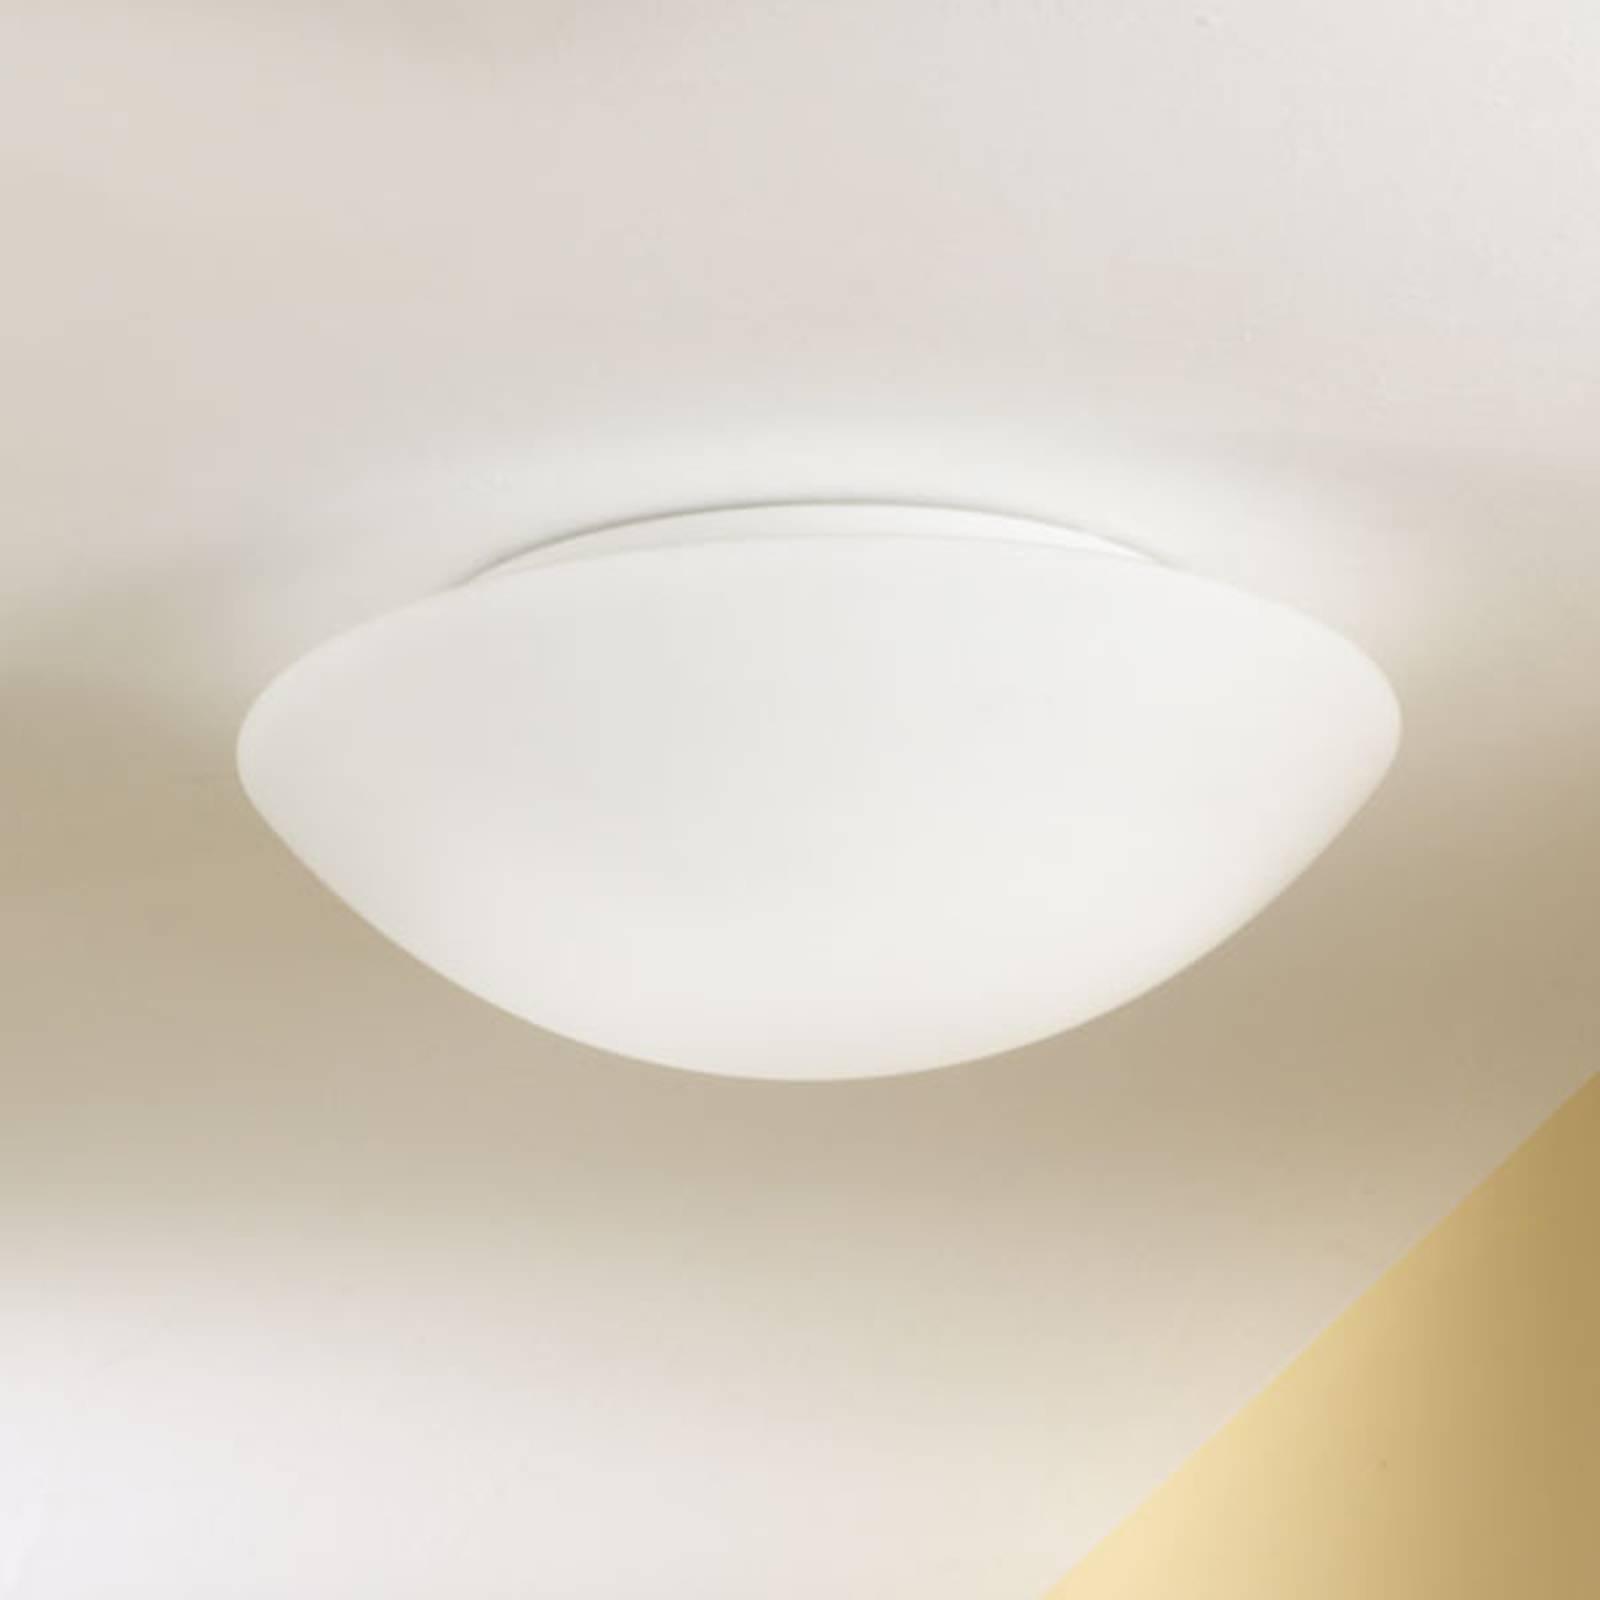 Lampa sufitowa lub ścienna PANDORA, 30 cm